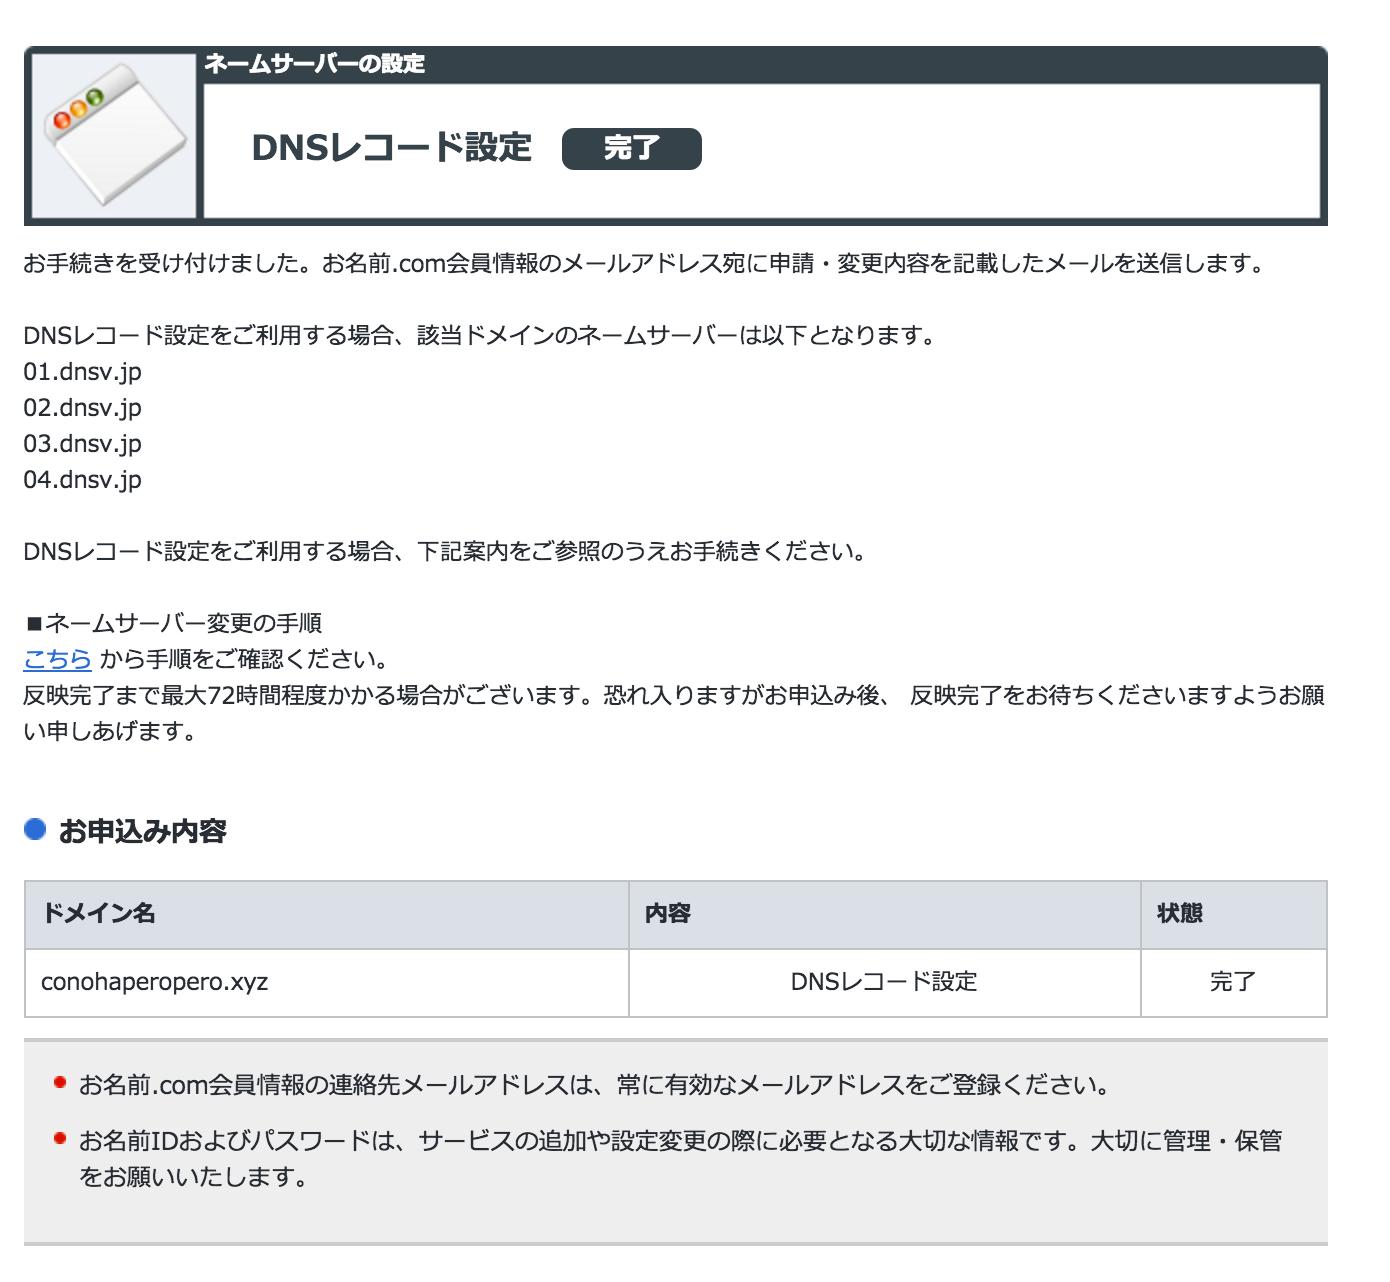 スクリーンショット 2015-11-11 18.54.48.png